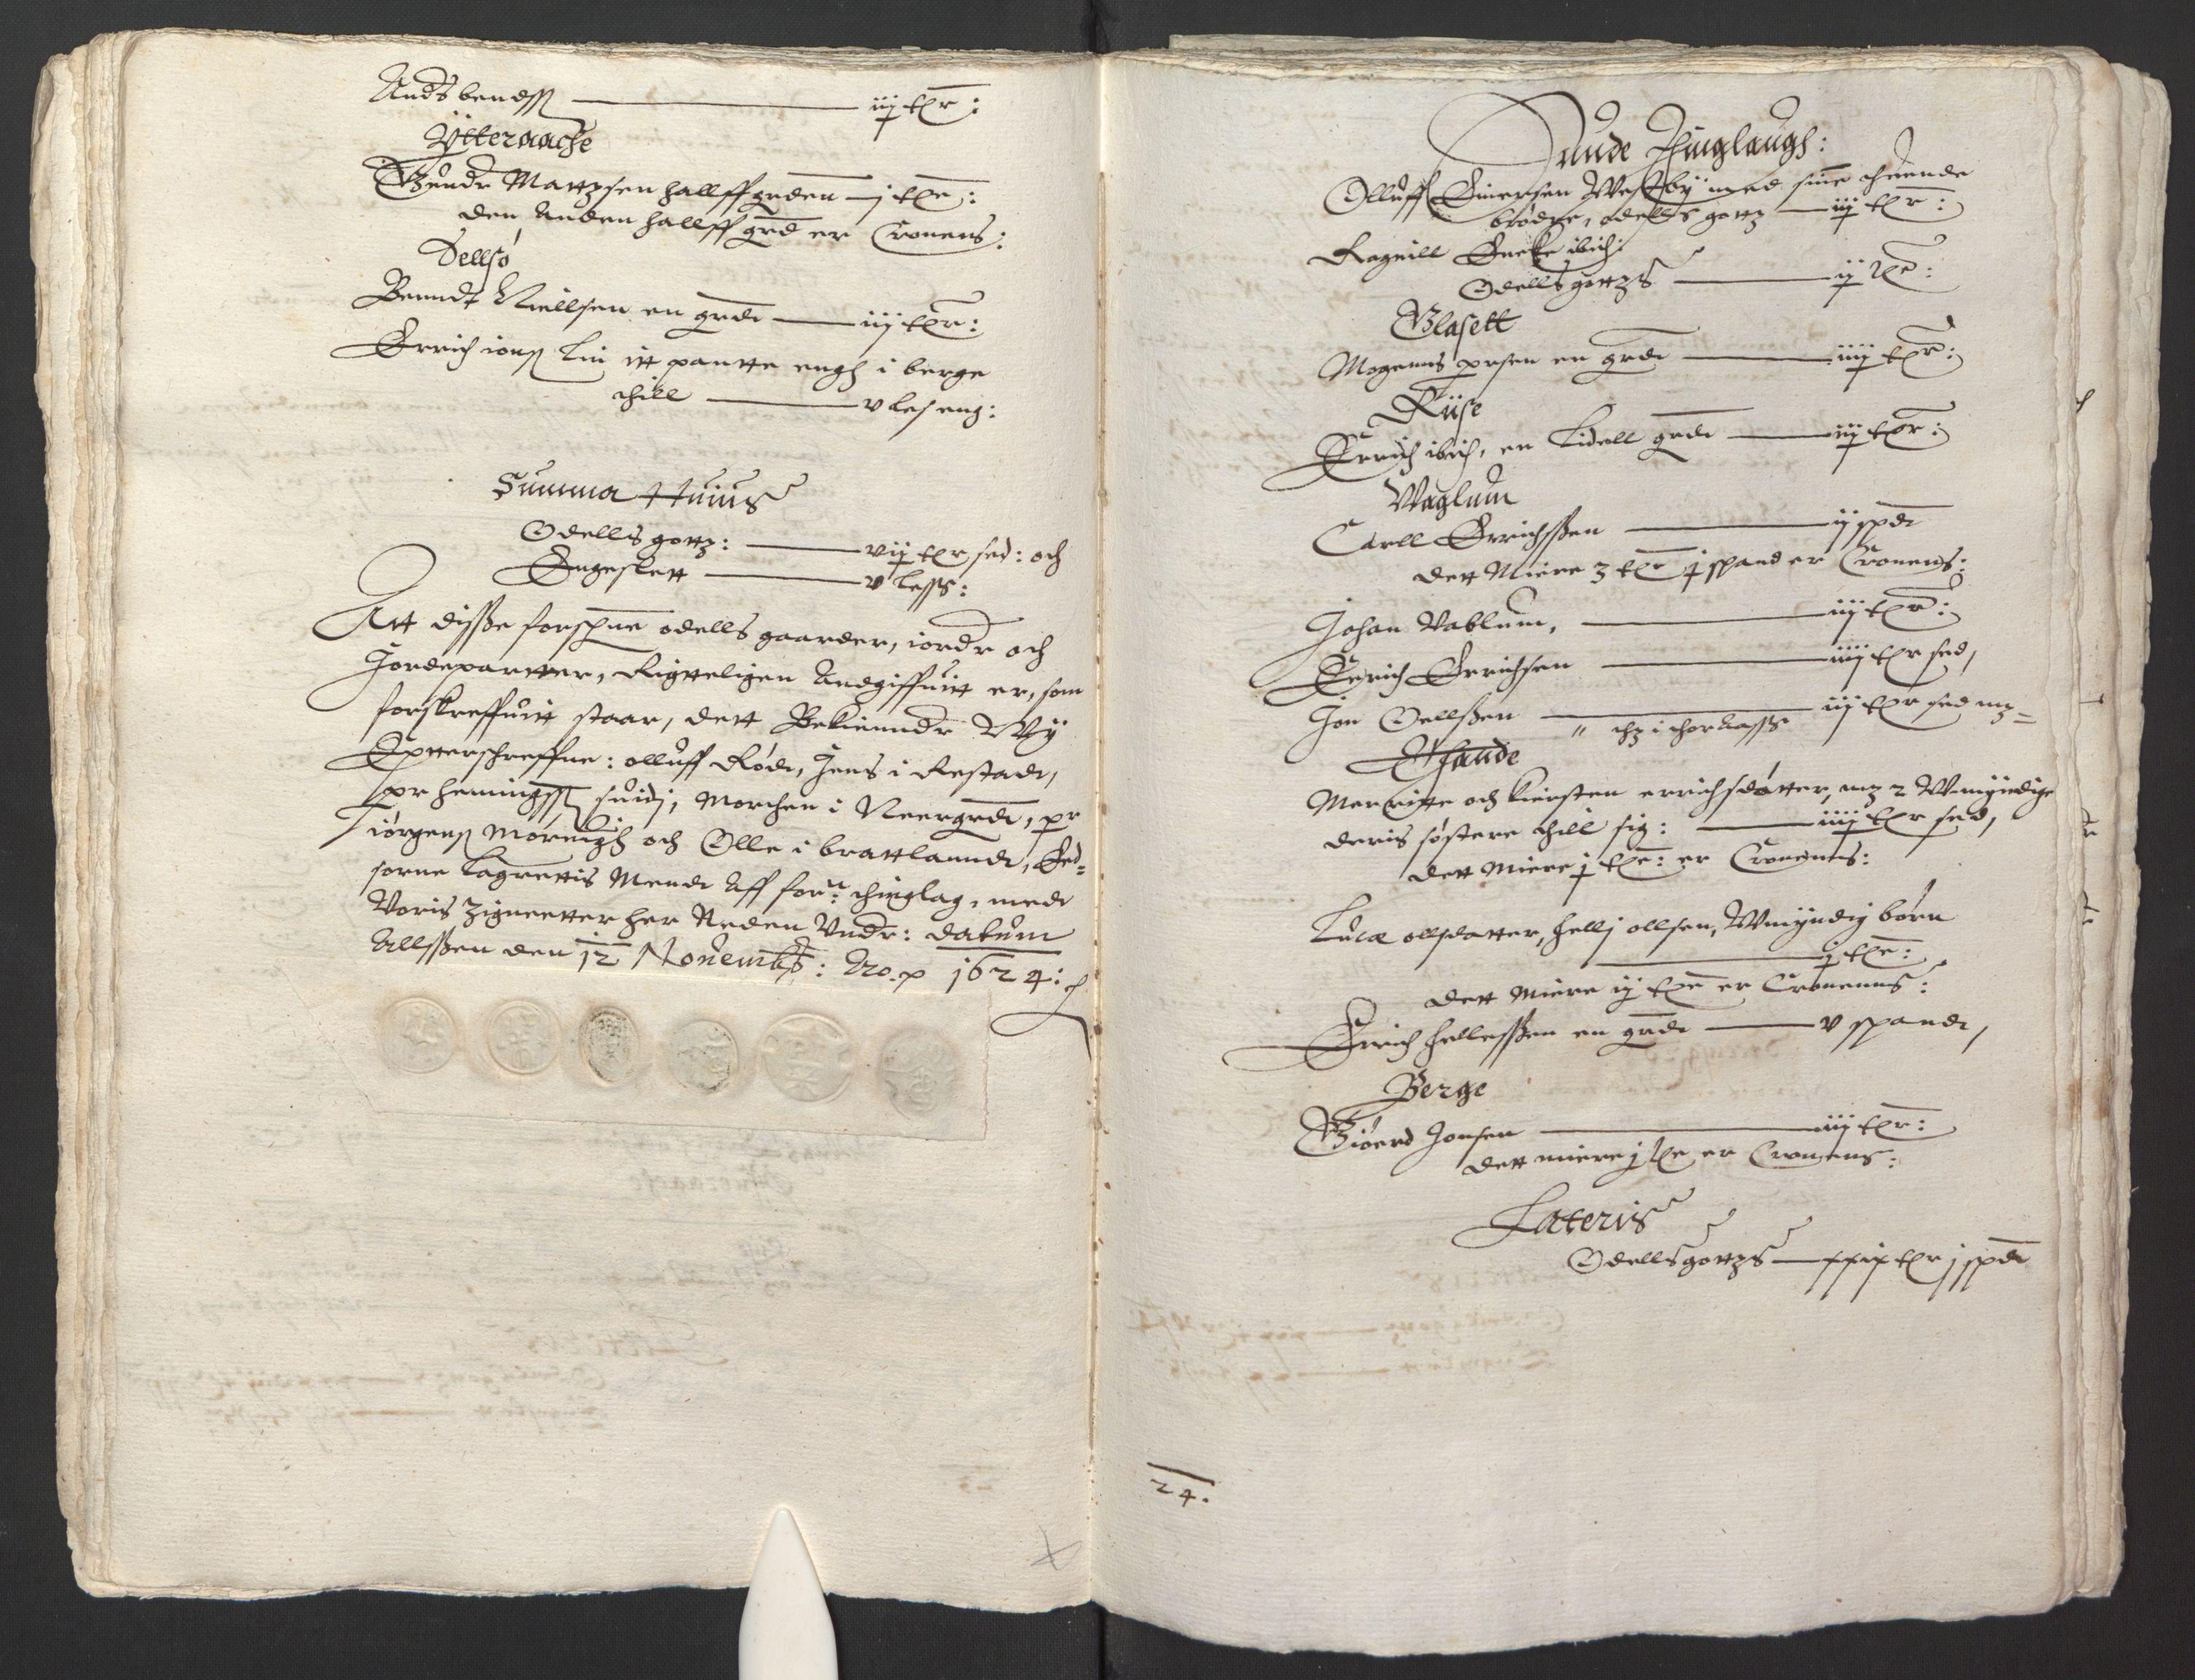 RA, Stattholderembetet 1572-1771, Ek/L0013: Jordebøker til utlikning av rosstjeneste 1624-1626:, 1624-1625, s. 119